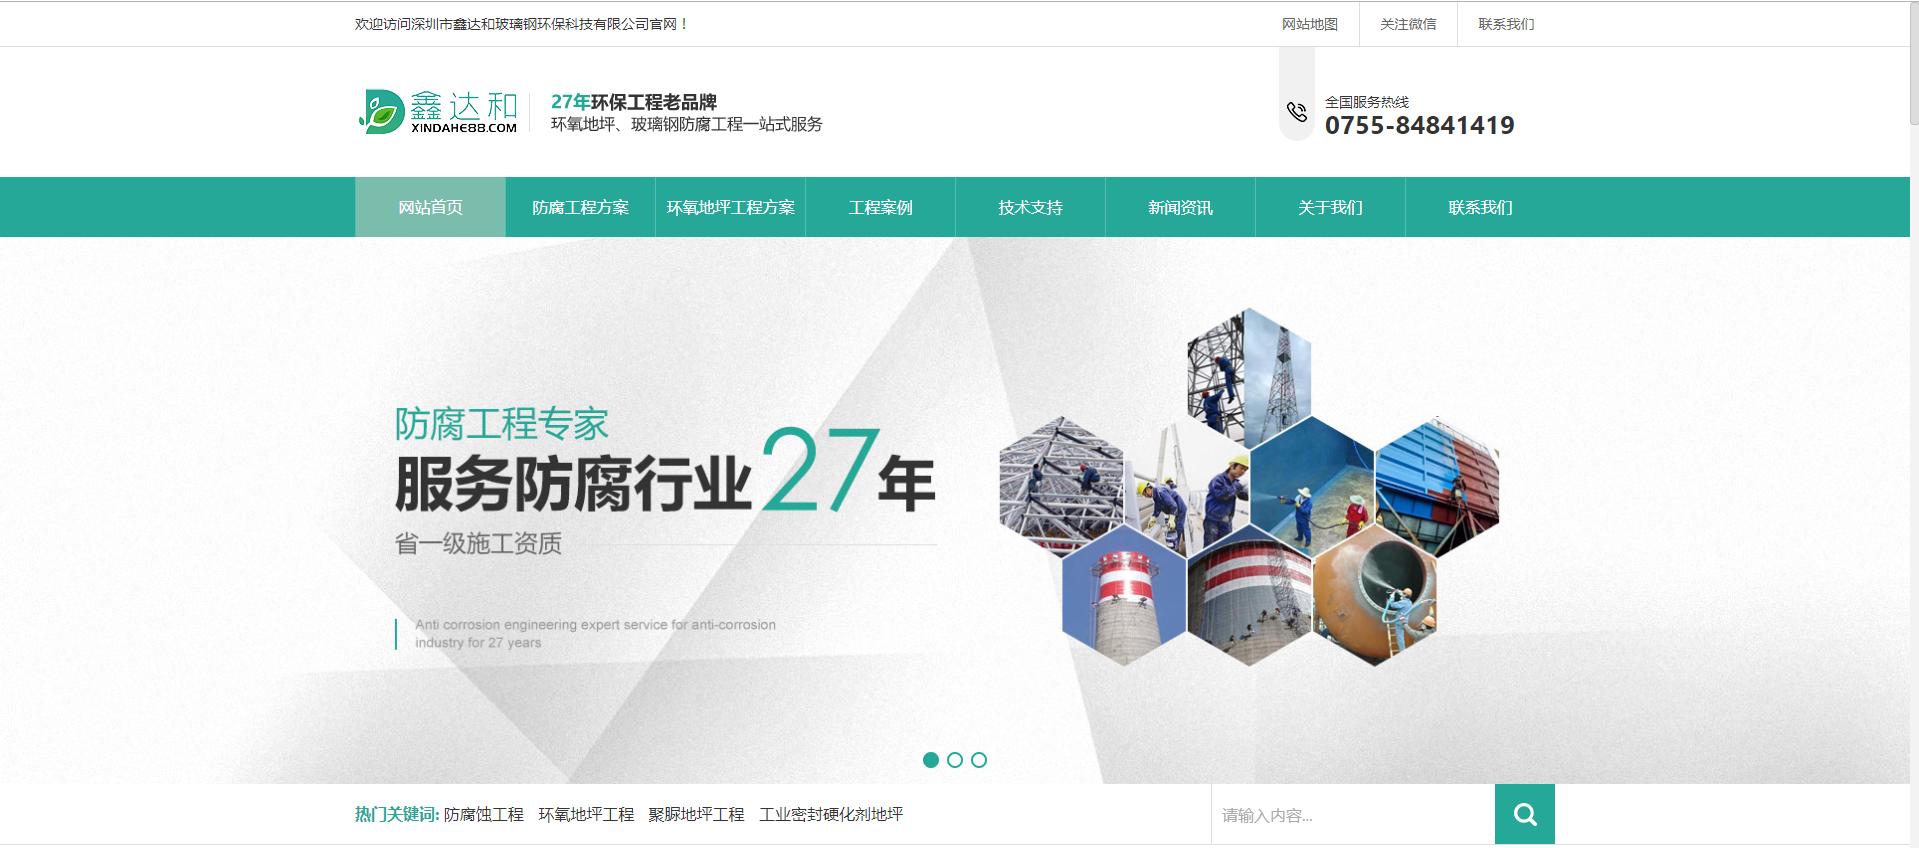 山东环保工程网站建设案例